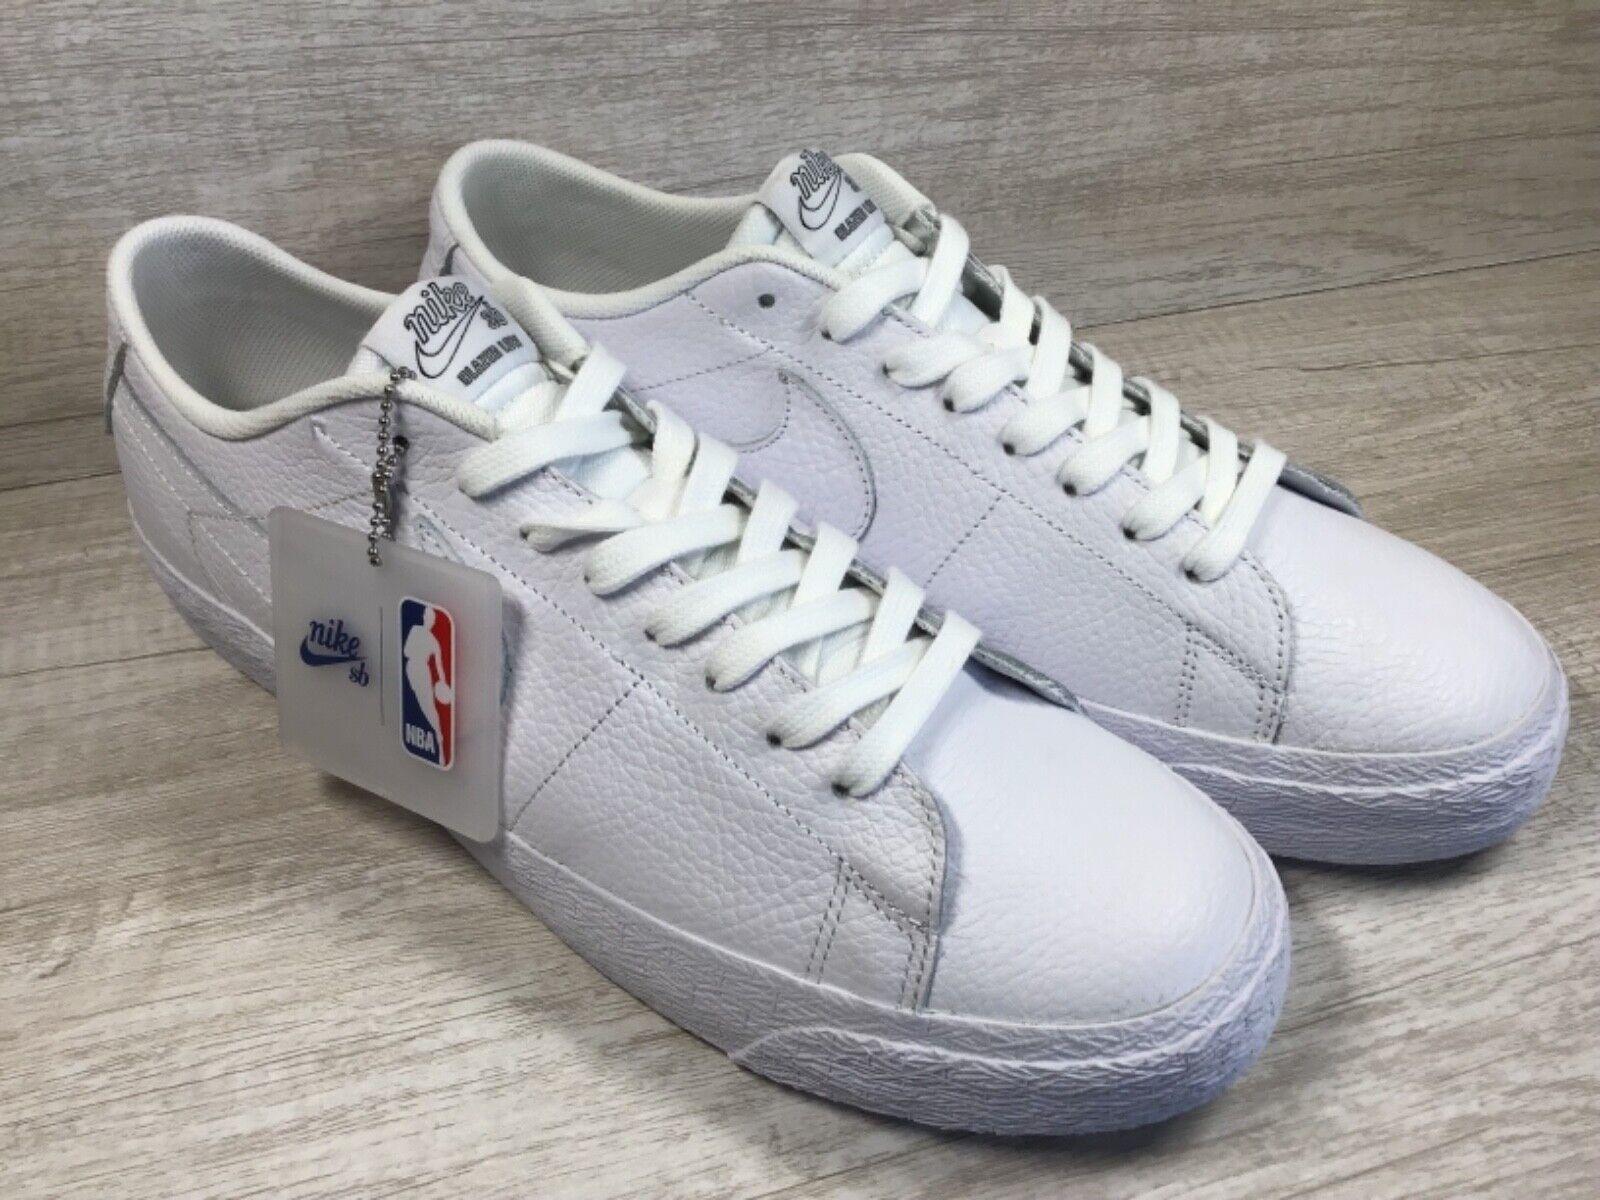 82469bb4086d Nike SB Zoom Blazer Low NBA Mens Size 8 White Skate Boarding Shoes ...